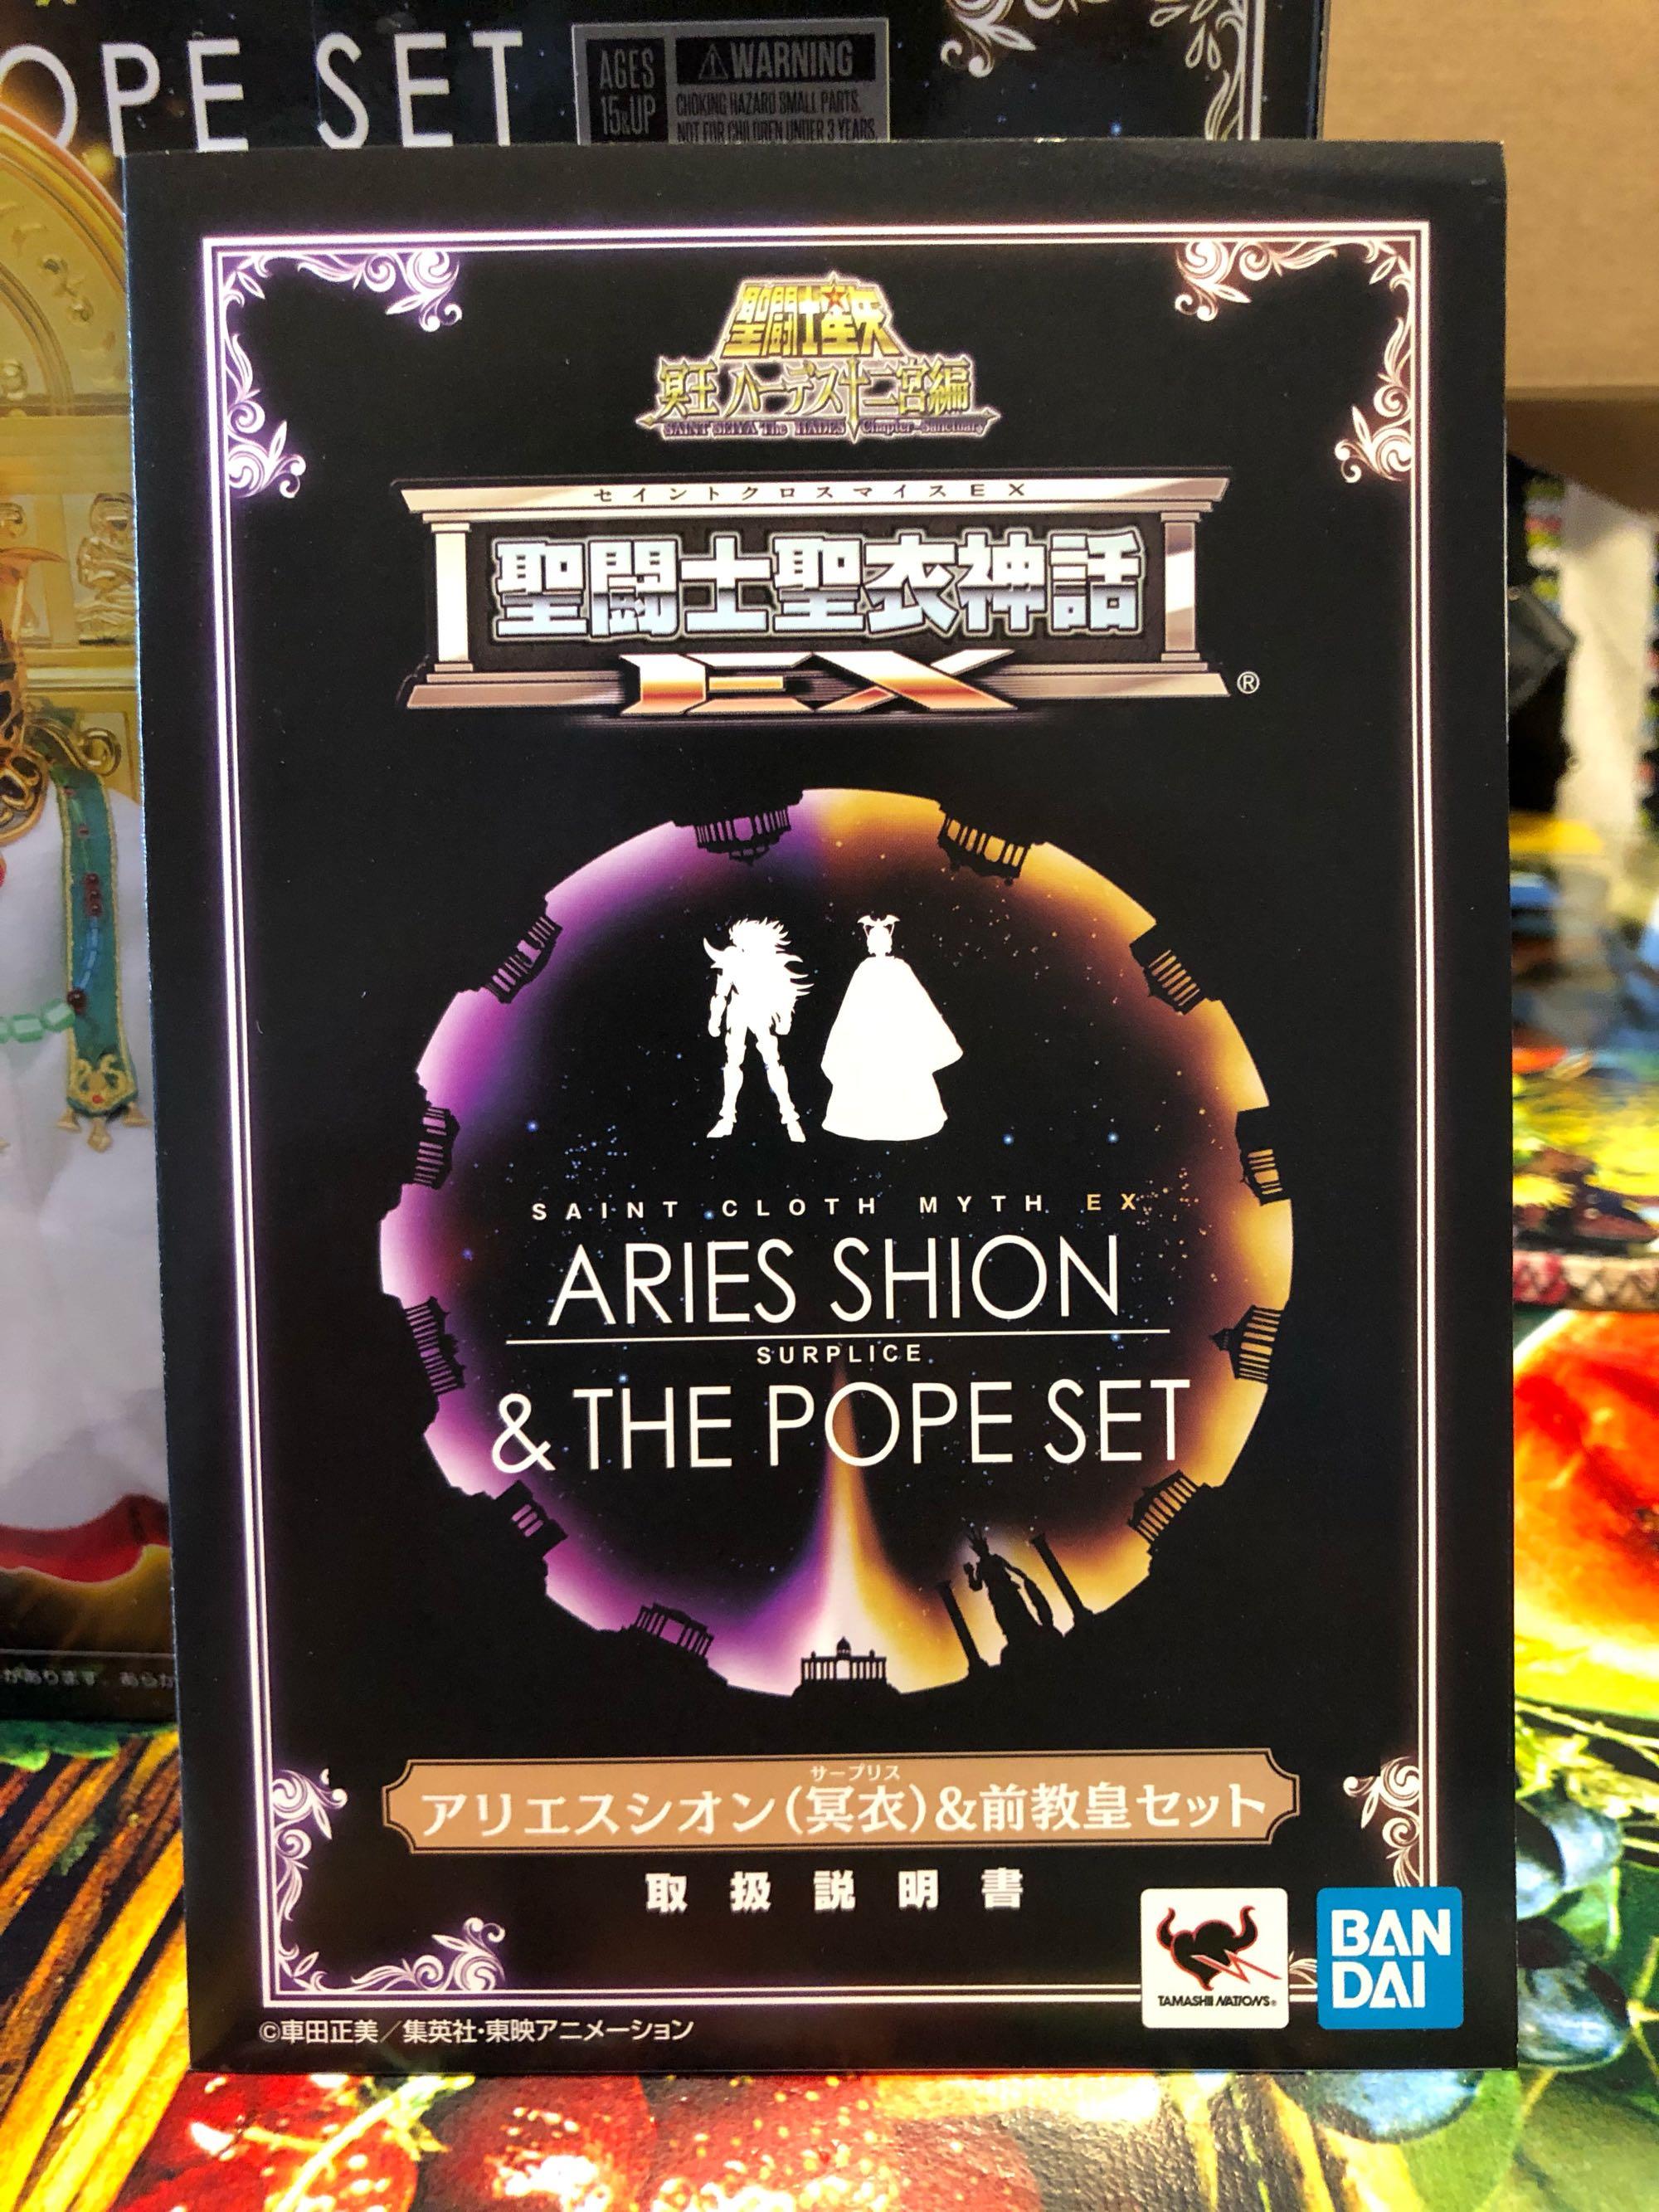 [Comentários] Shion de Áries  Surplice EX A9N3qJpV_o